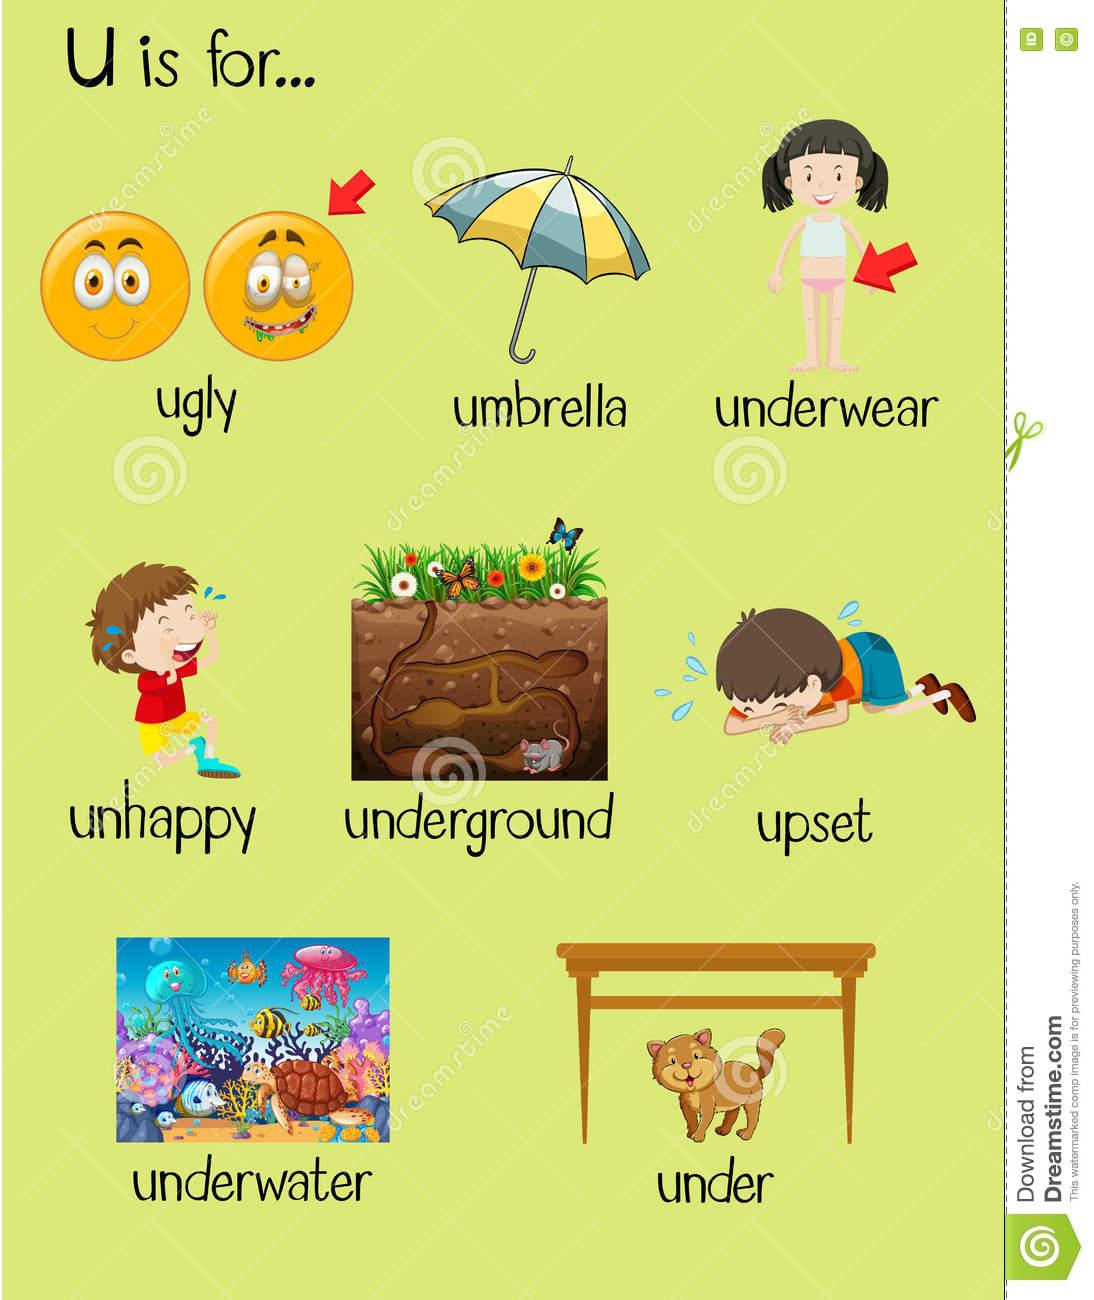 Viele Wörter Fangen Mit Buchstaben U An Vektor Abbildung für Dinge Die Mit U Anfangen